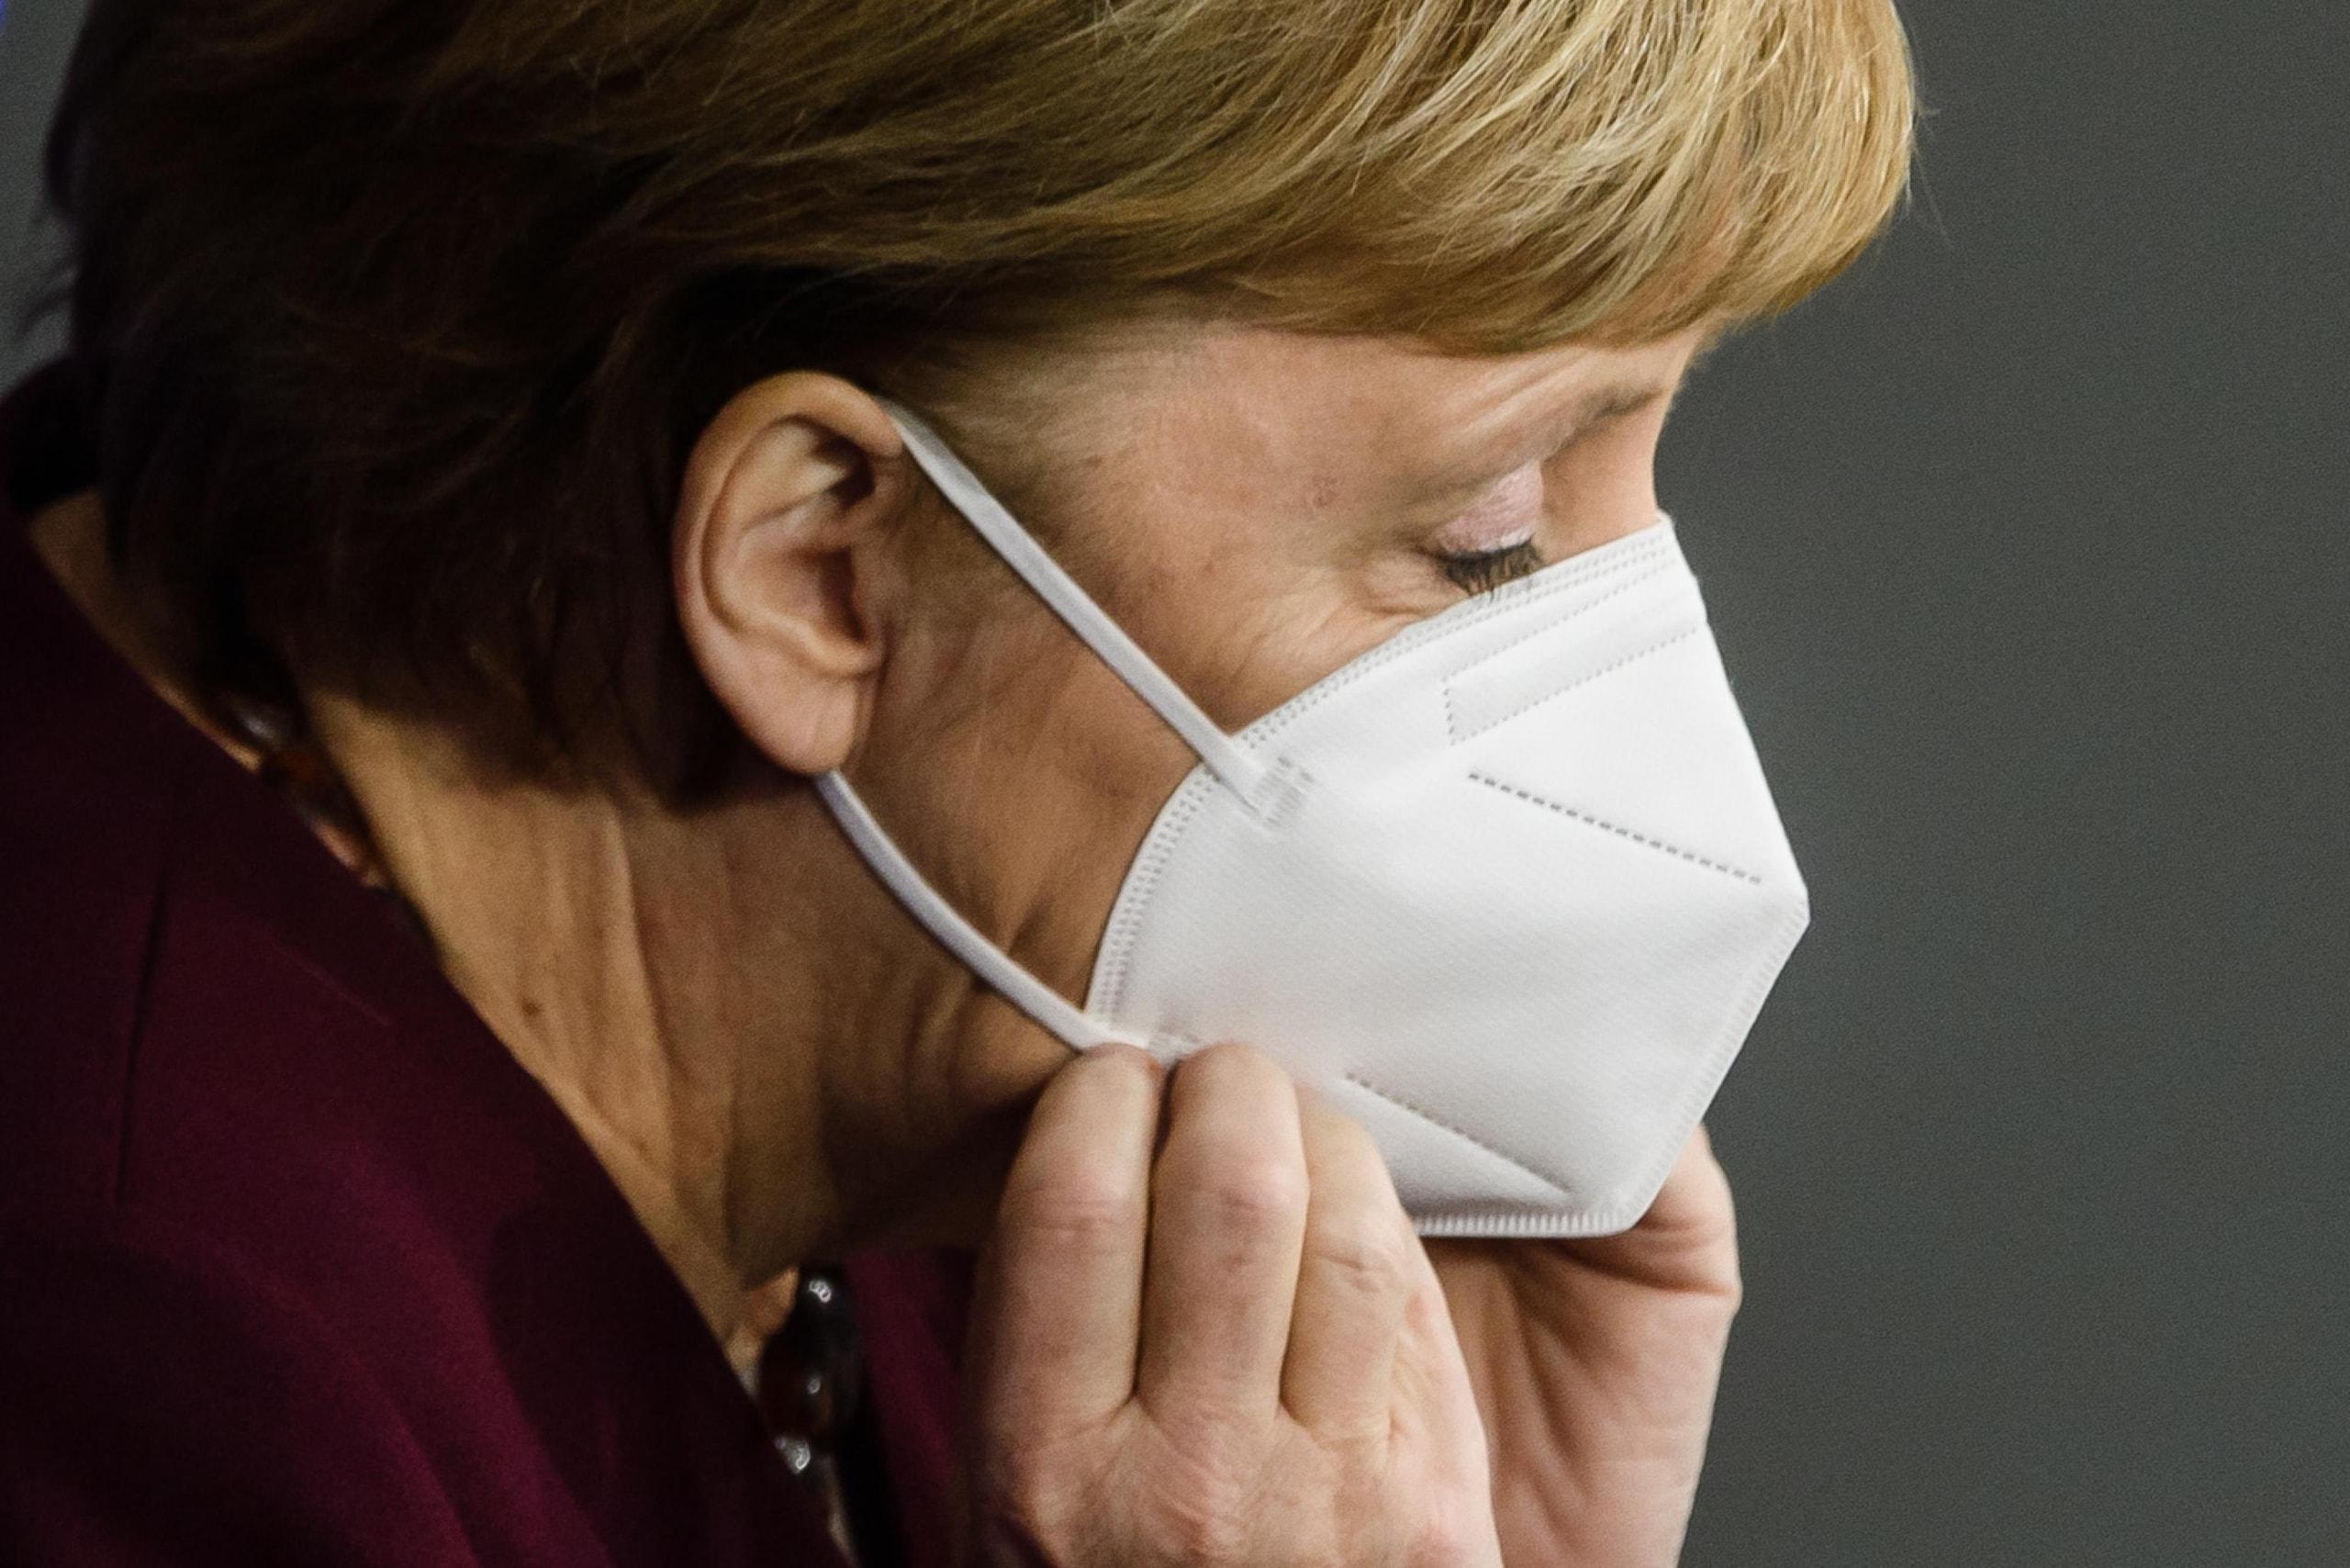 054951797 b2c87197 7145 47ce 904c 8063fa4d6388 - Covid, Germania: un milione di contagi